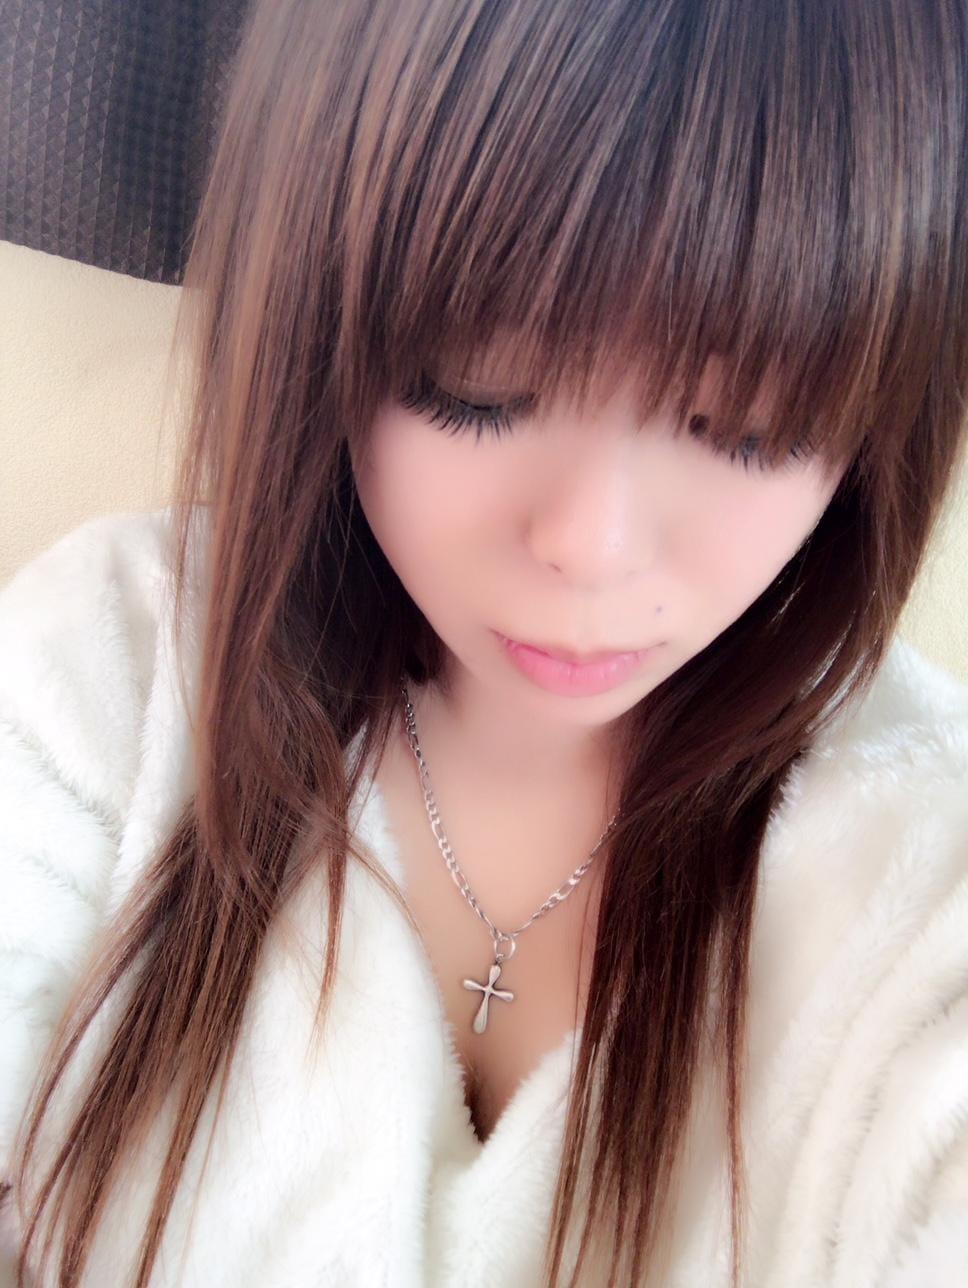 https://s3-ap-northeast-1.amazonaws.com/files.fuzoku.jp/img/shop/kamign/diary/14845757/d_0_20180113115010593.jpeg